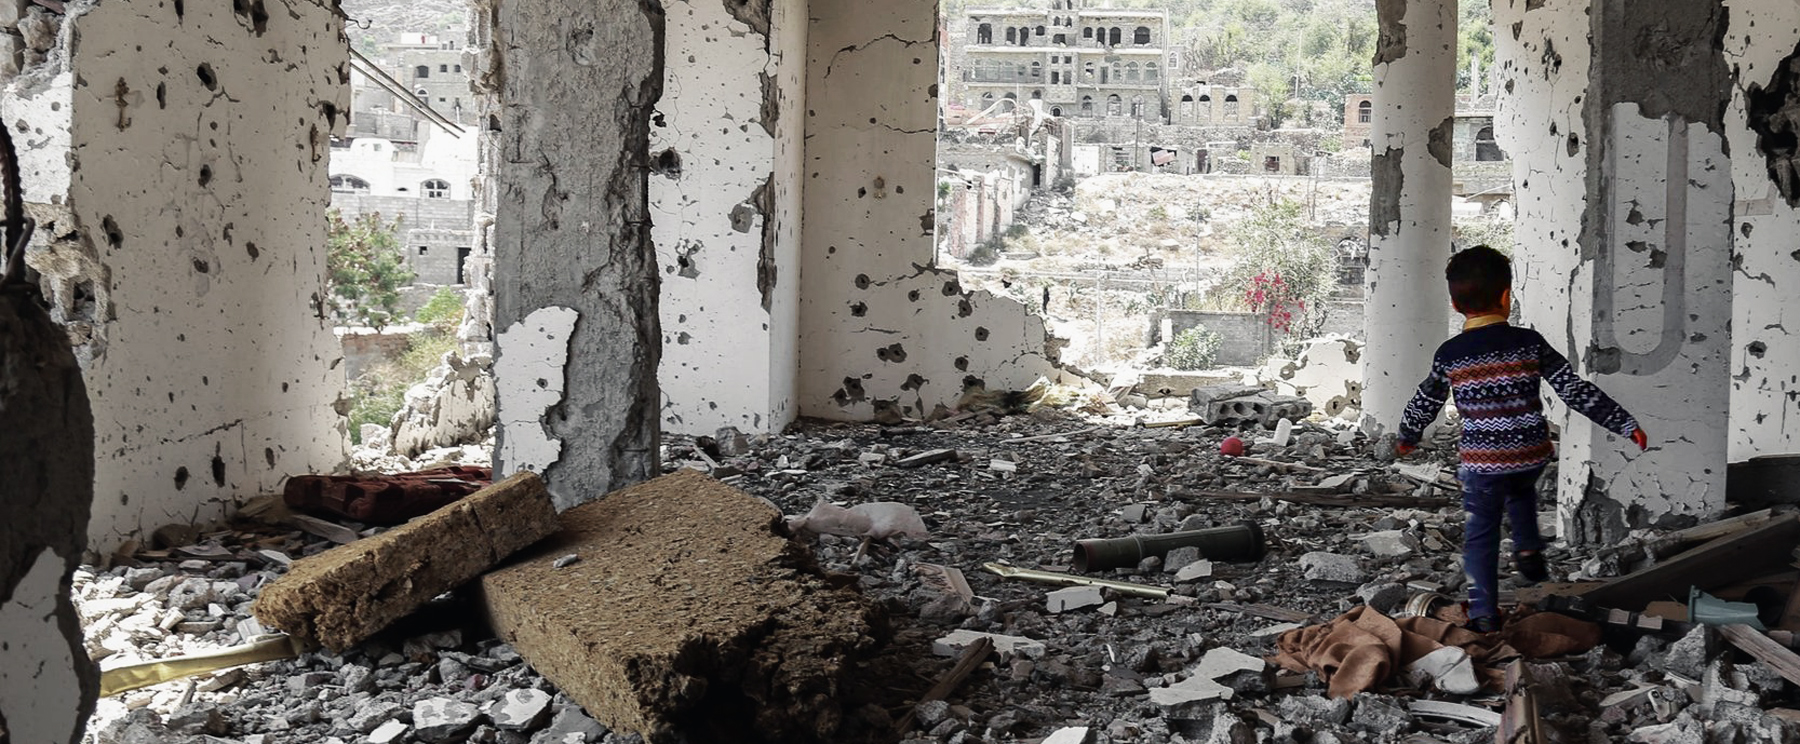 """Deutschland liefert, Saudi-Arabien tötet <br>  <span id='sec-title'>Die """"westliche Wertegemeinschaft"""" ist eine Lebenslüge</span>"""